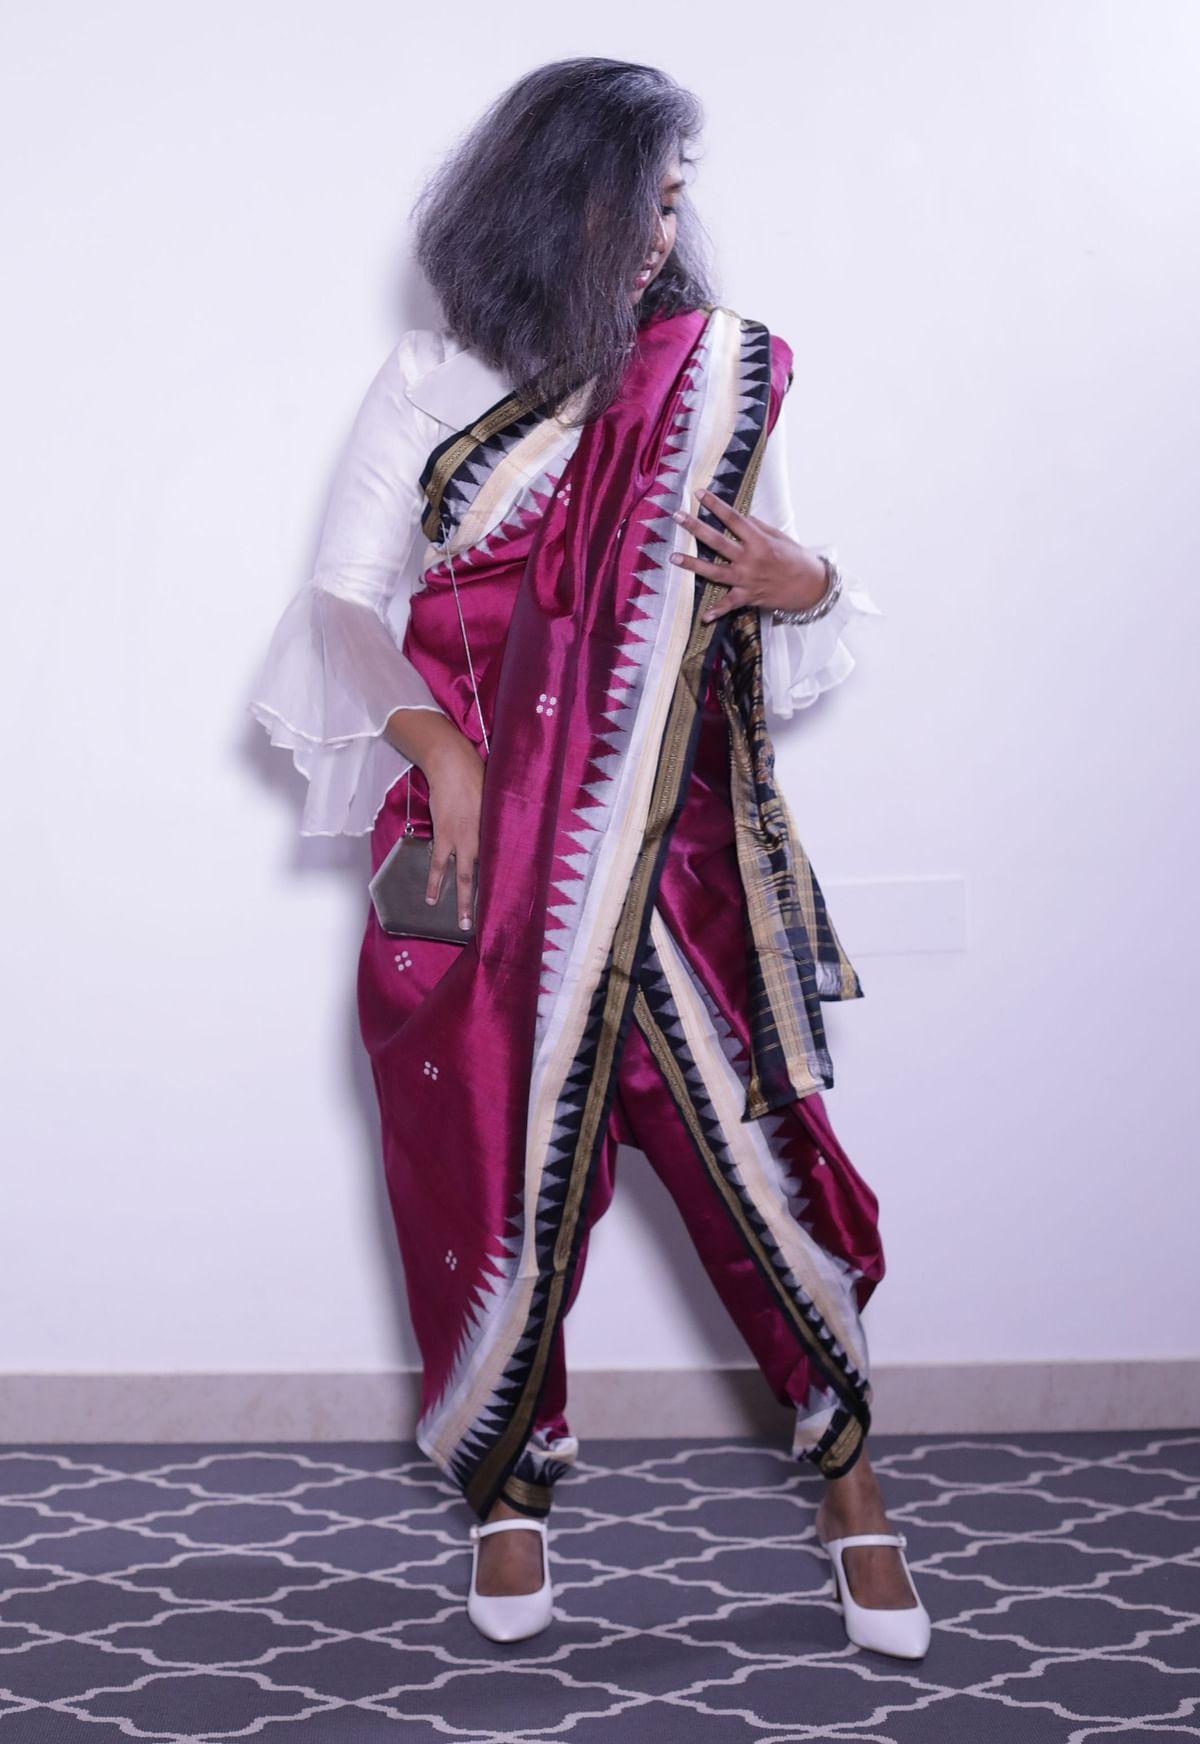 Aparna Rao in a Odisha style drape.